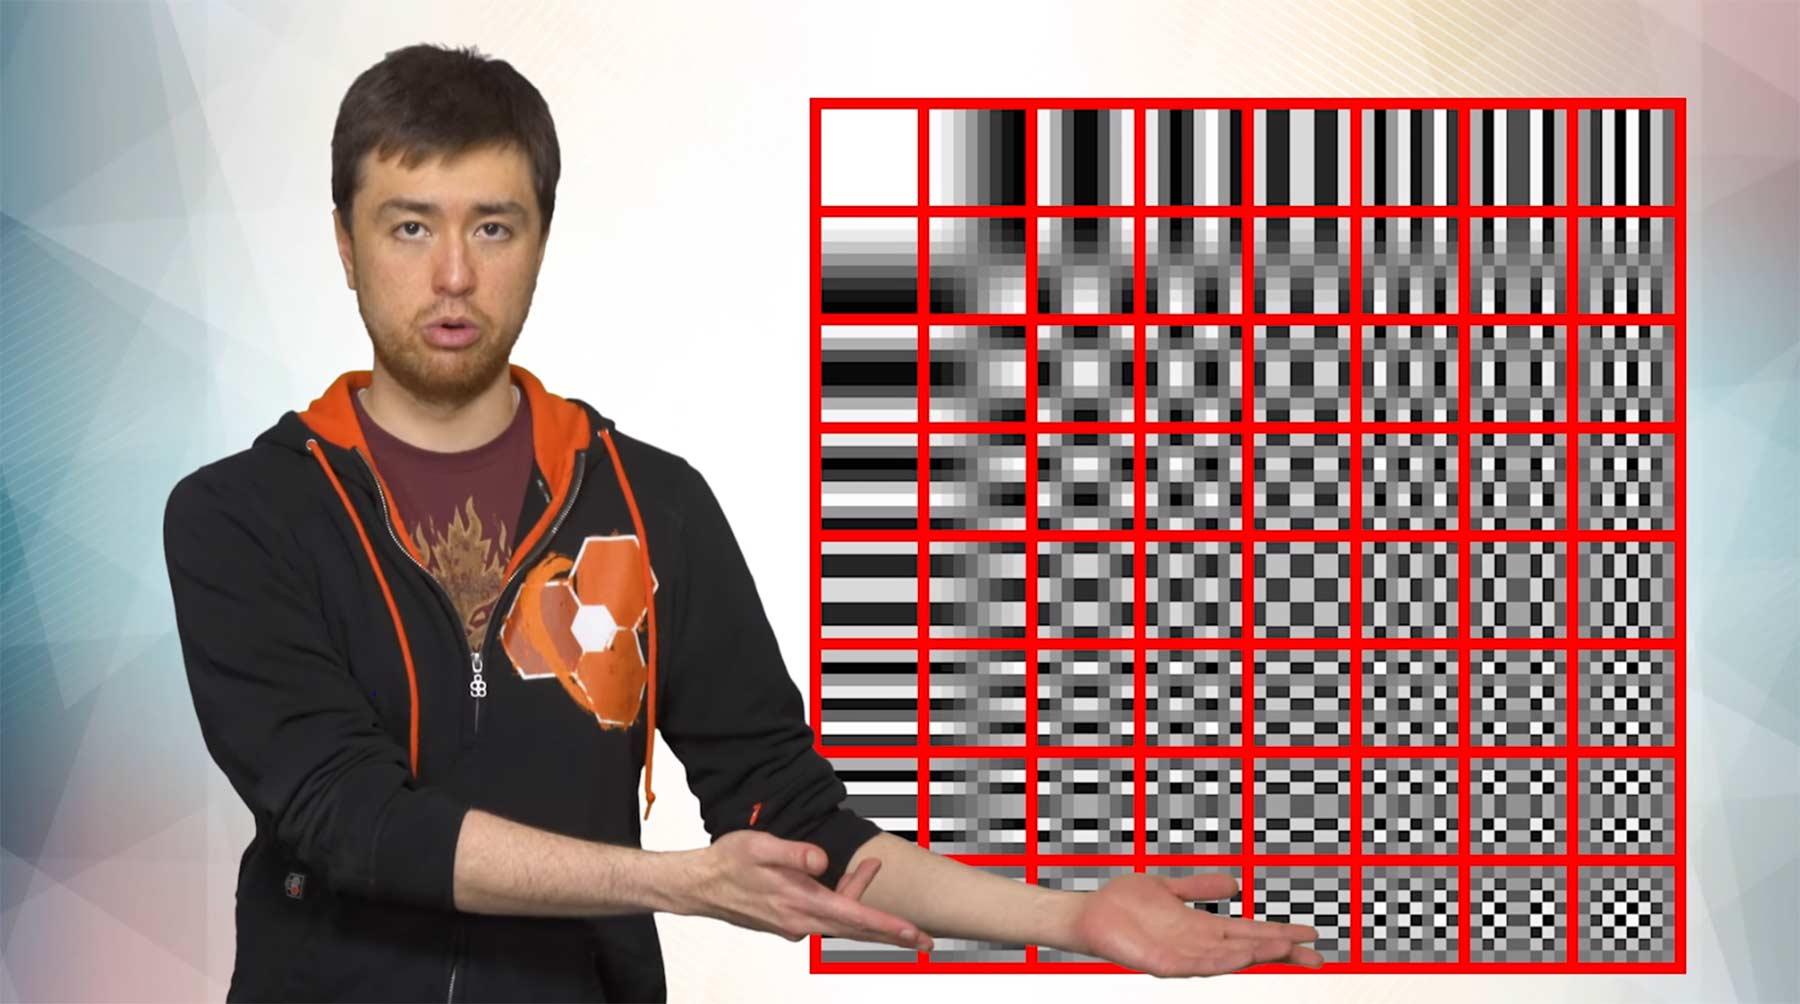 Gängige Bildformate verständlich erklärt